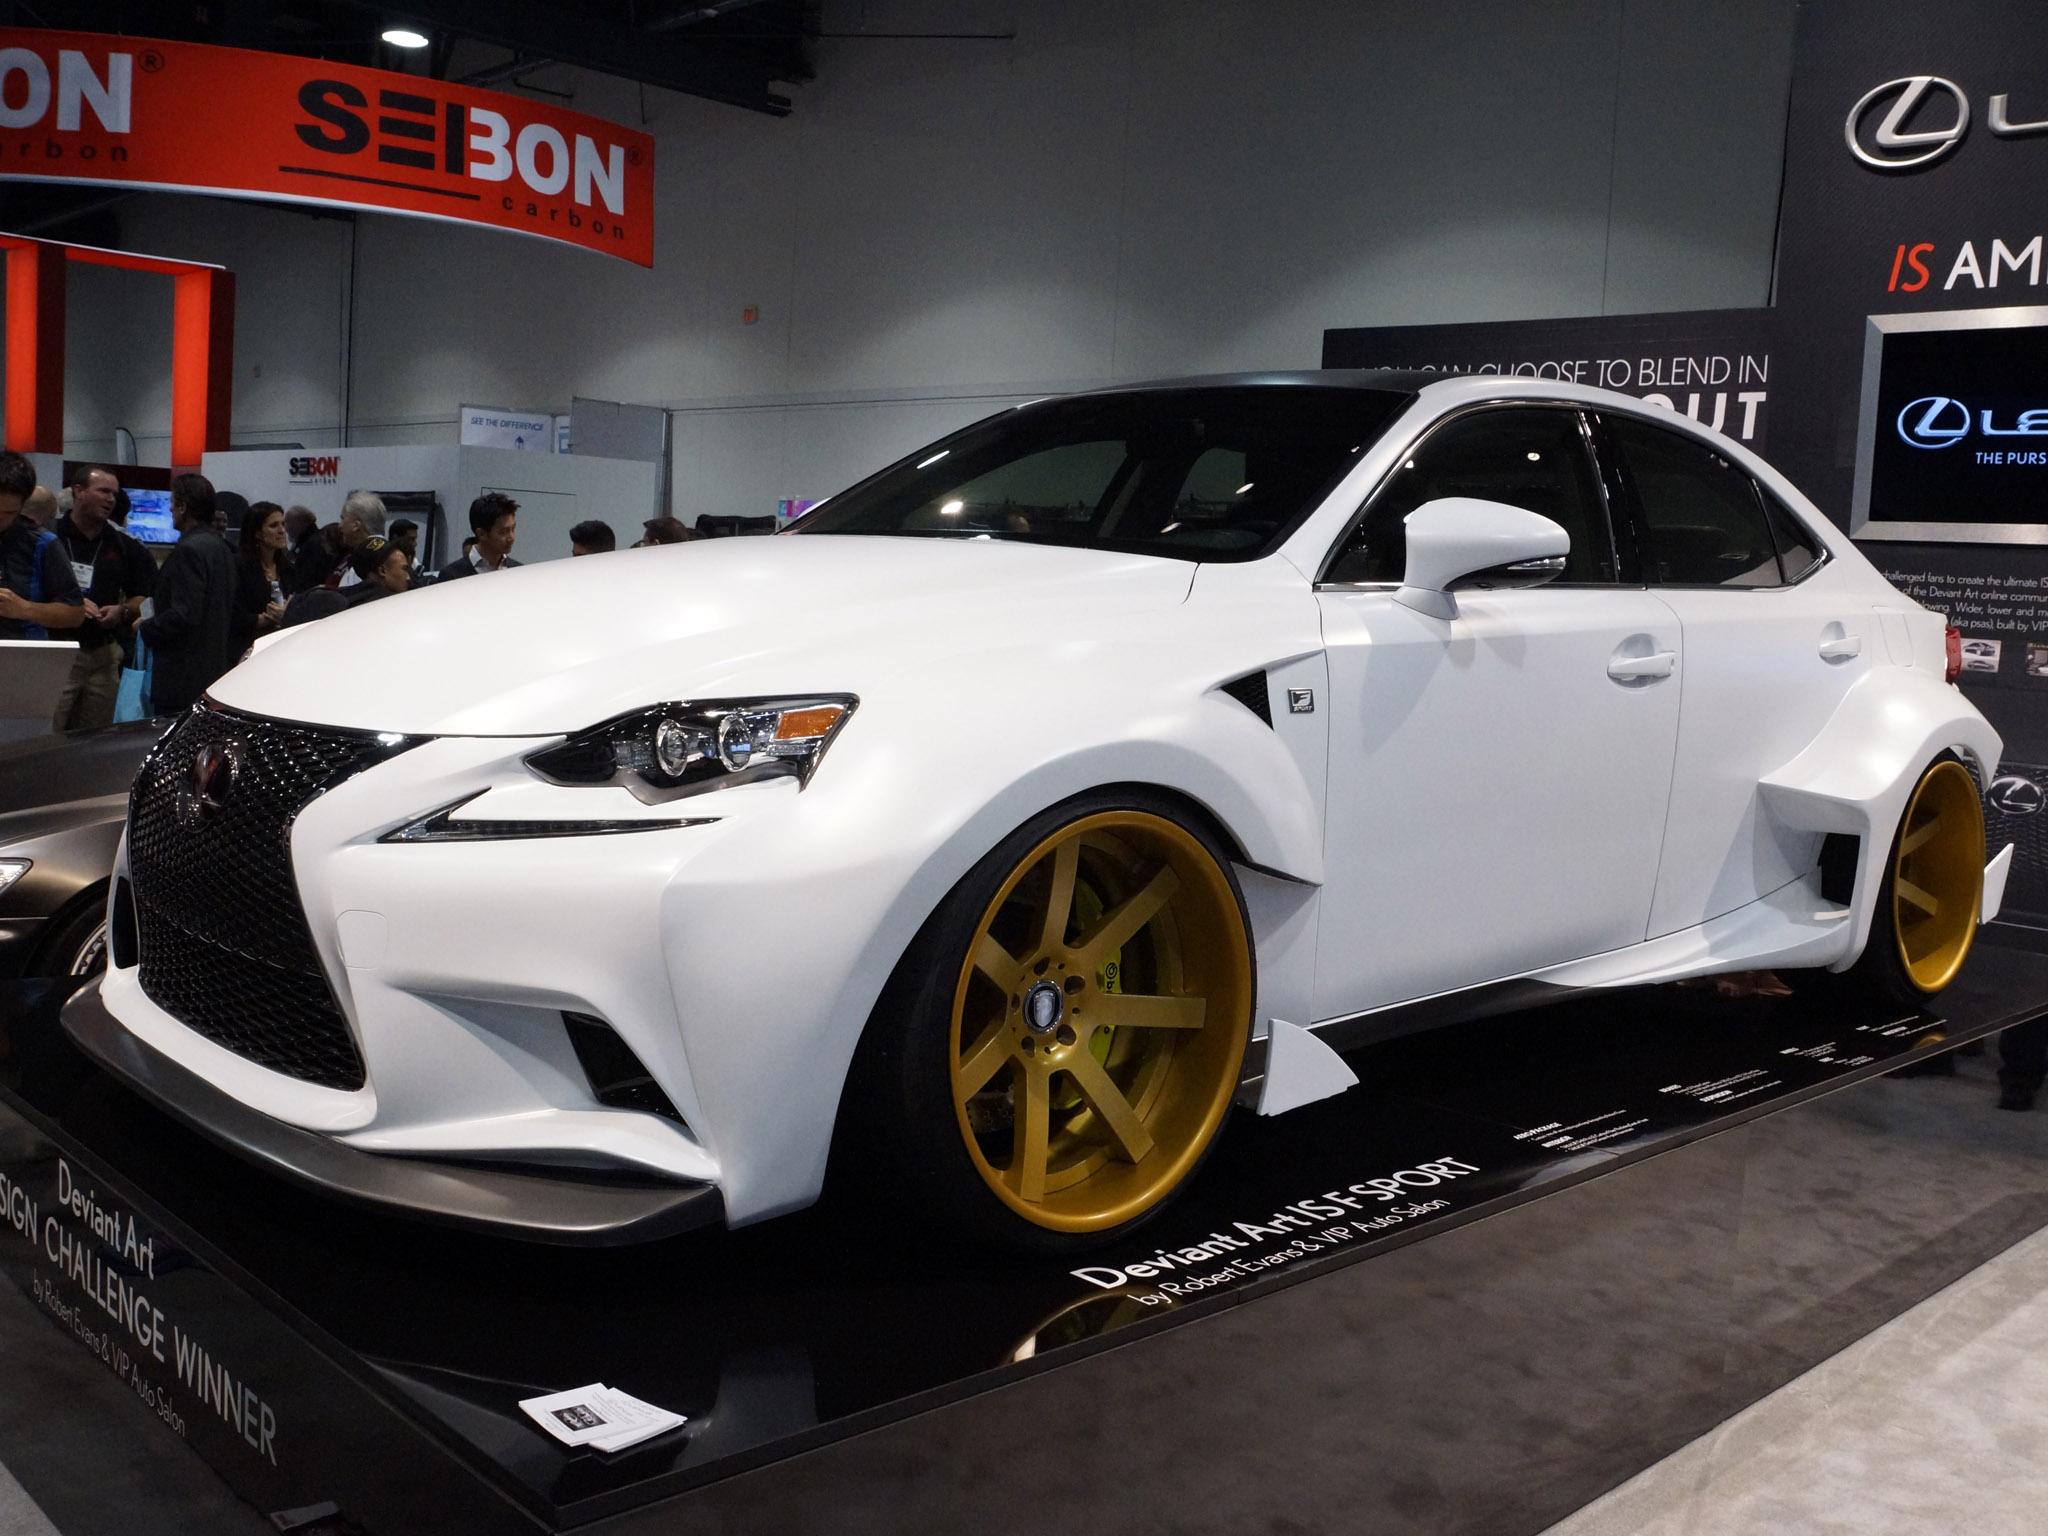 Vip Cars Wallpaper Vip Auto Salon Tuning I-s